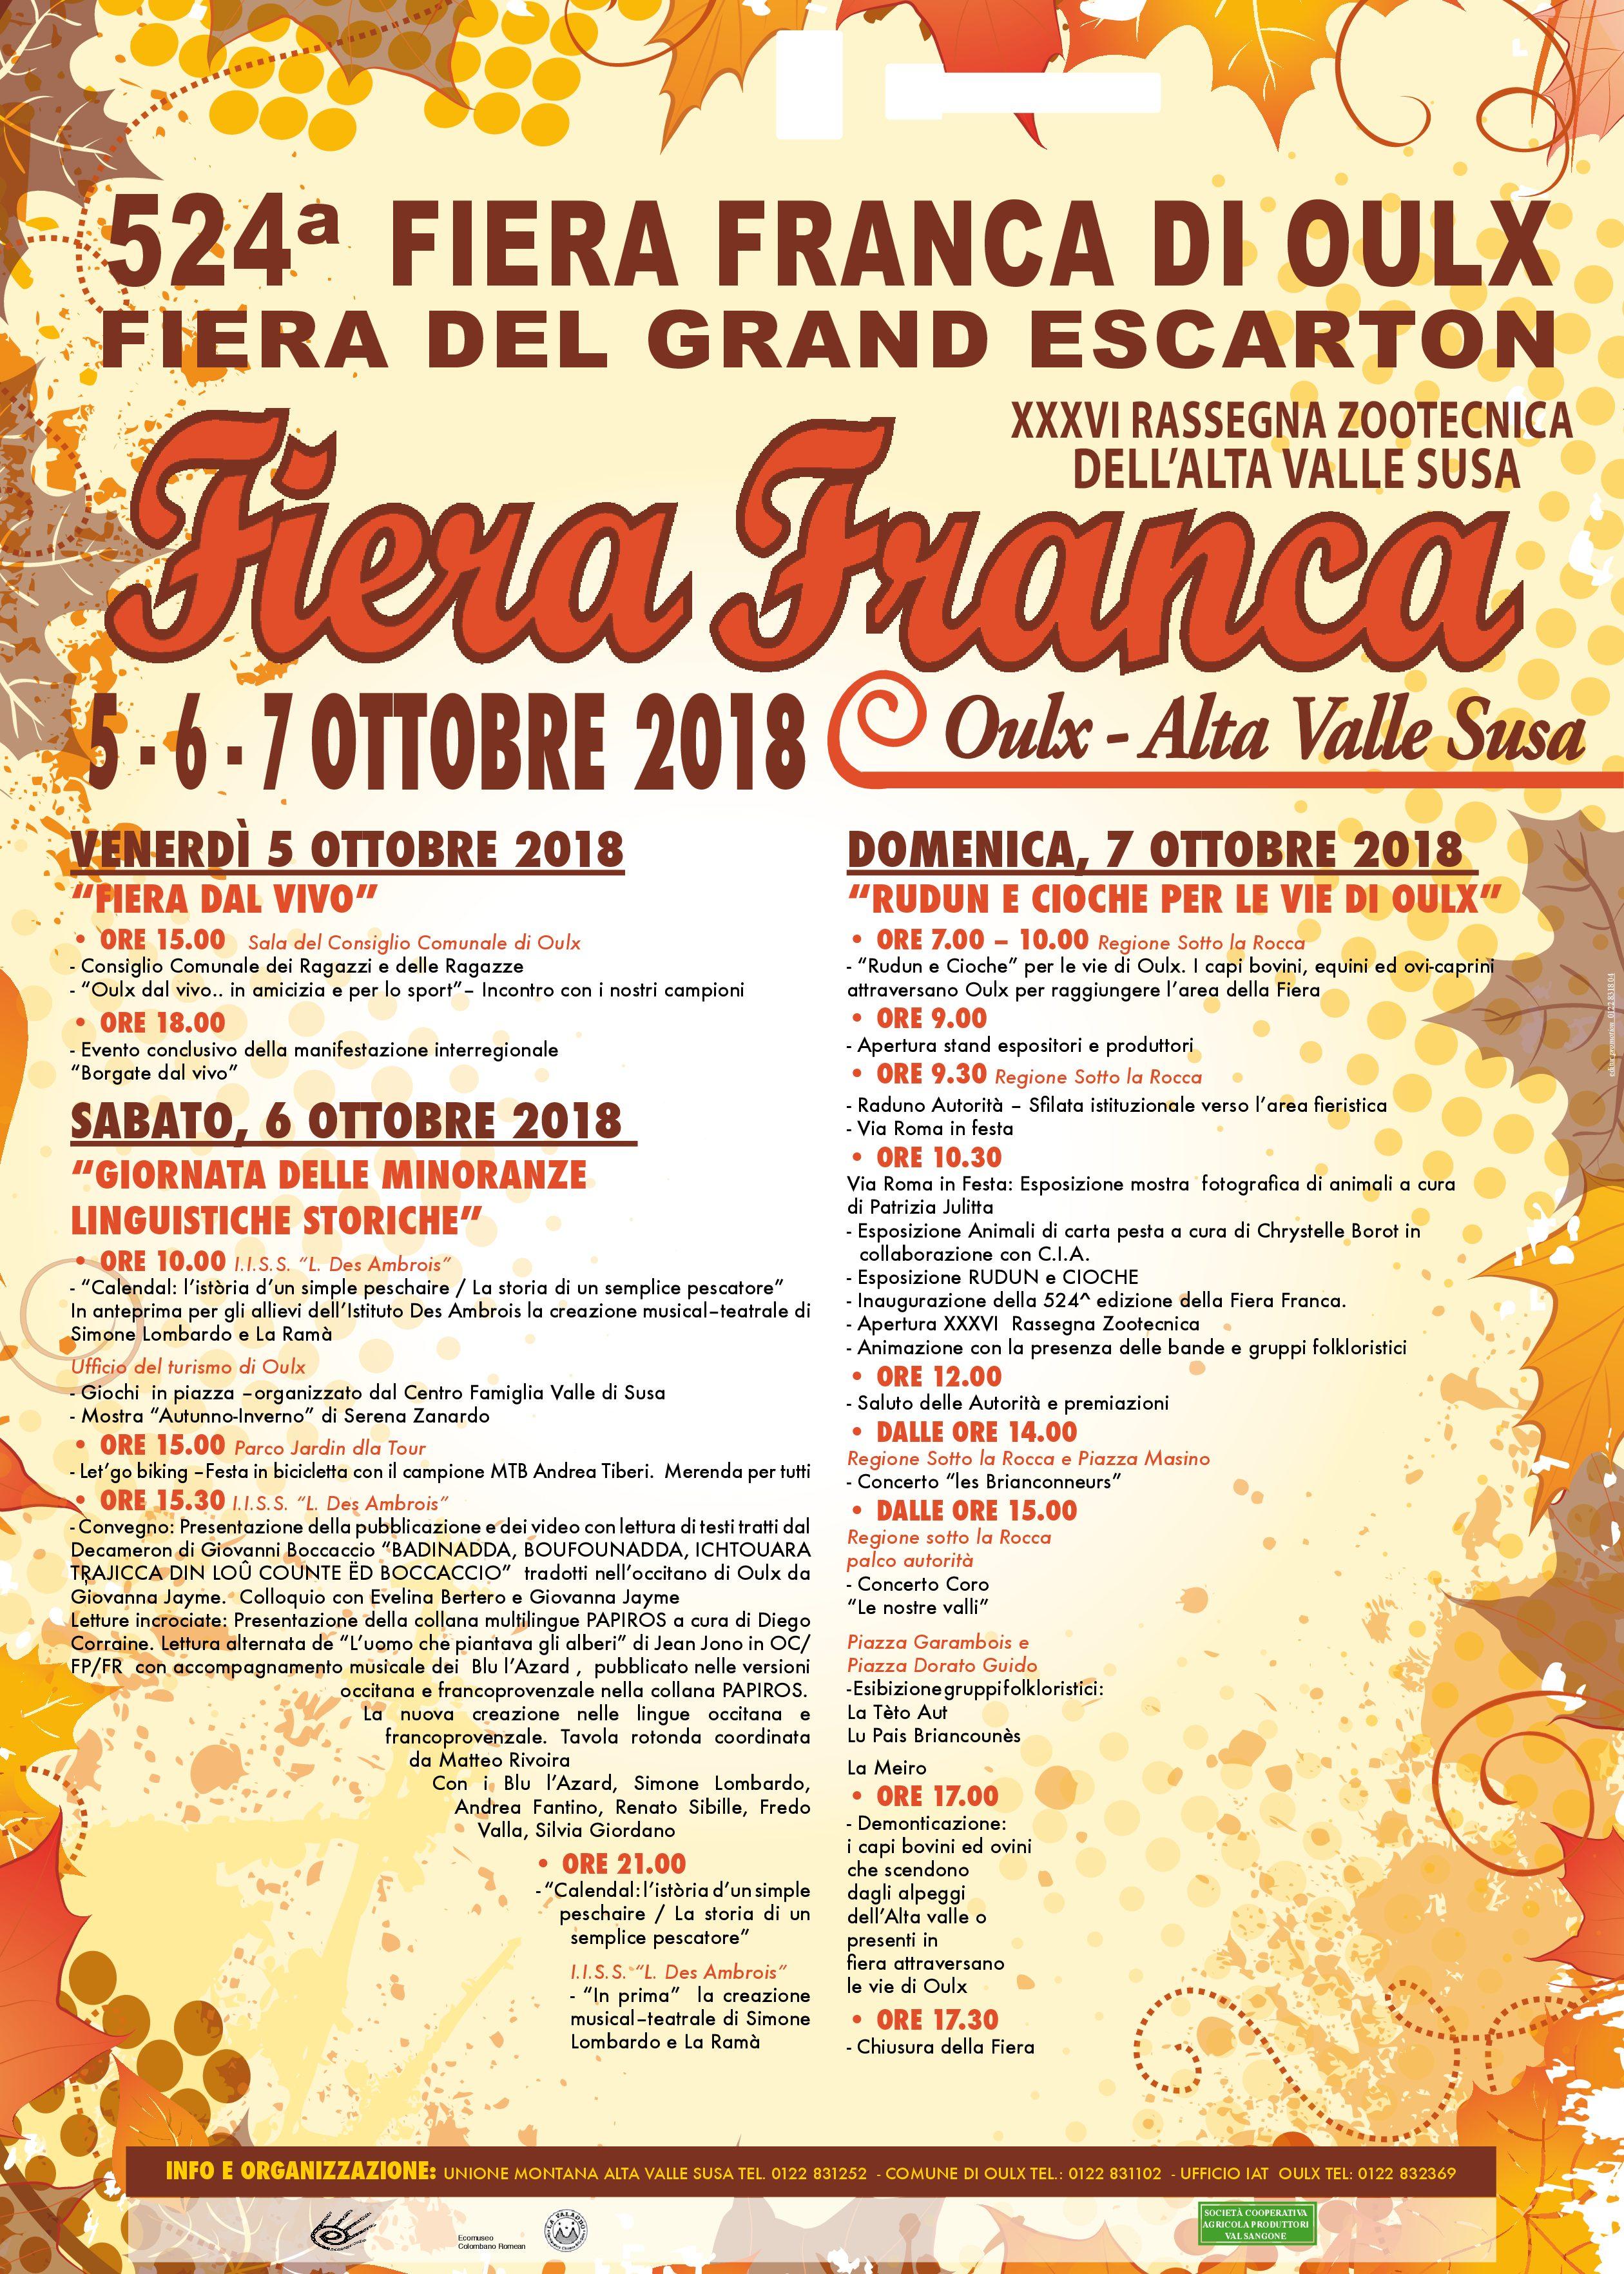 FIERA FRANCA DI OULX 2018